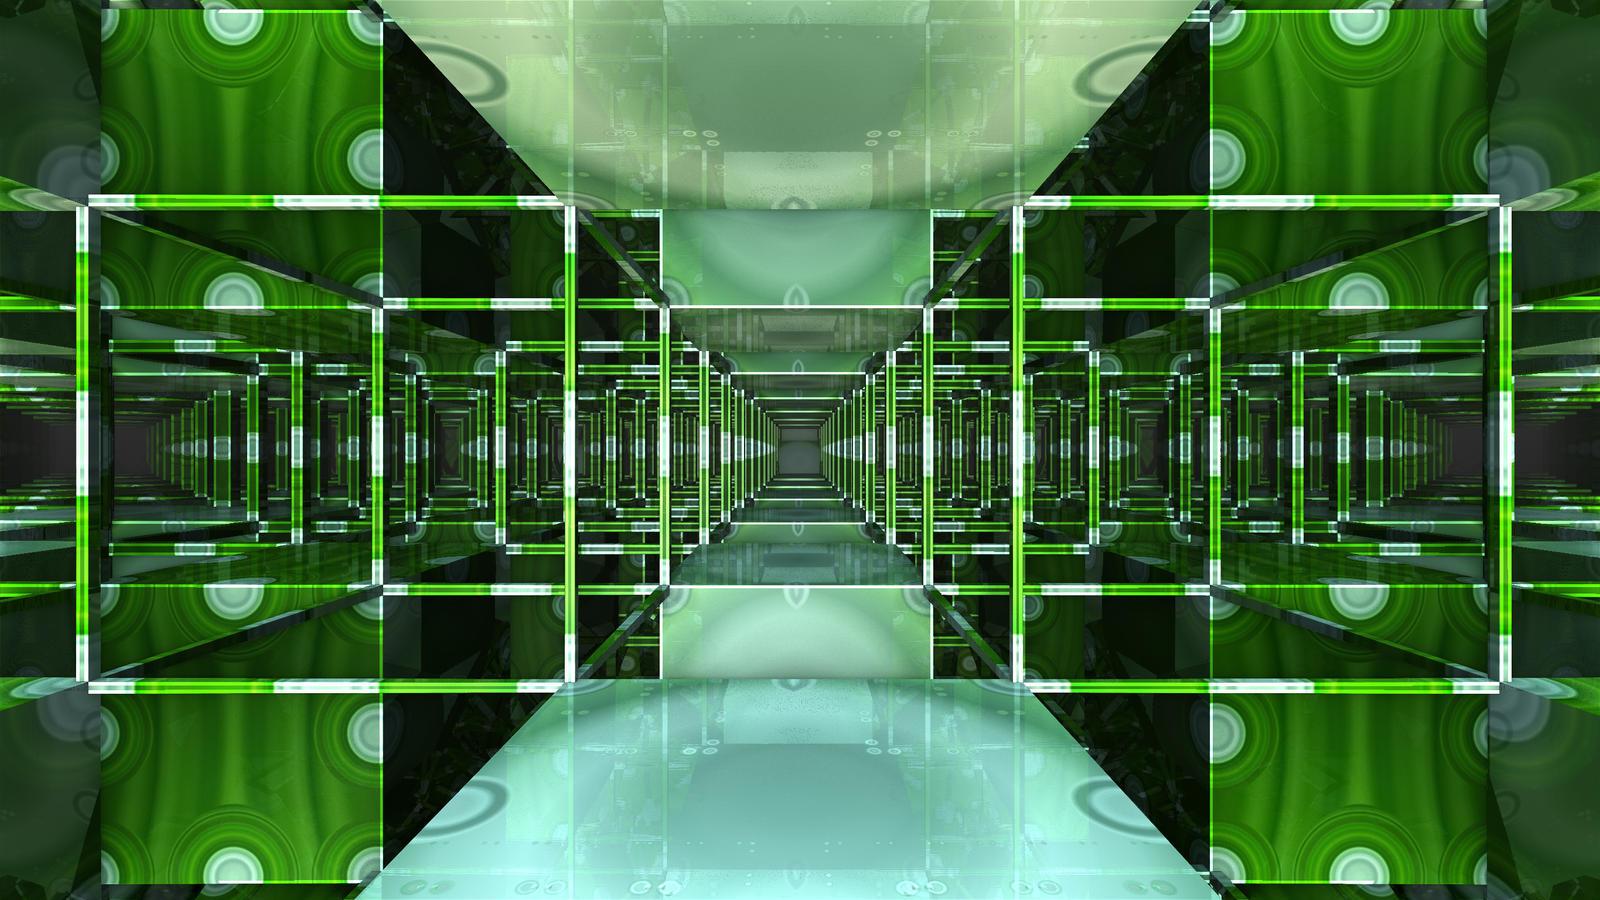 Green Apple Polka-dot Framework by Baddad